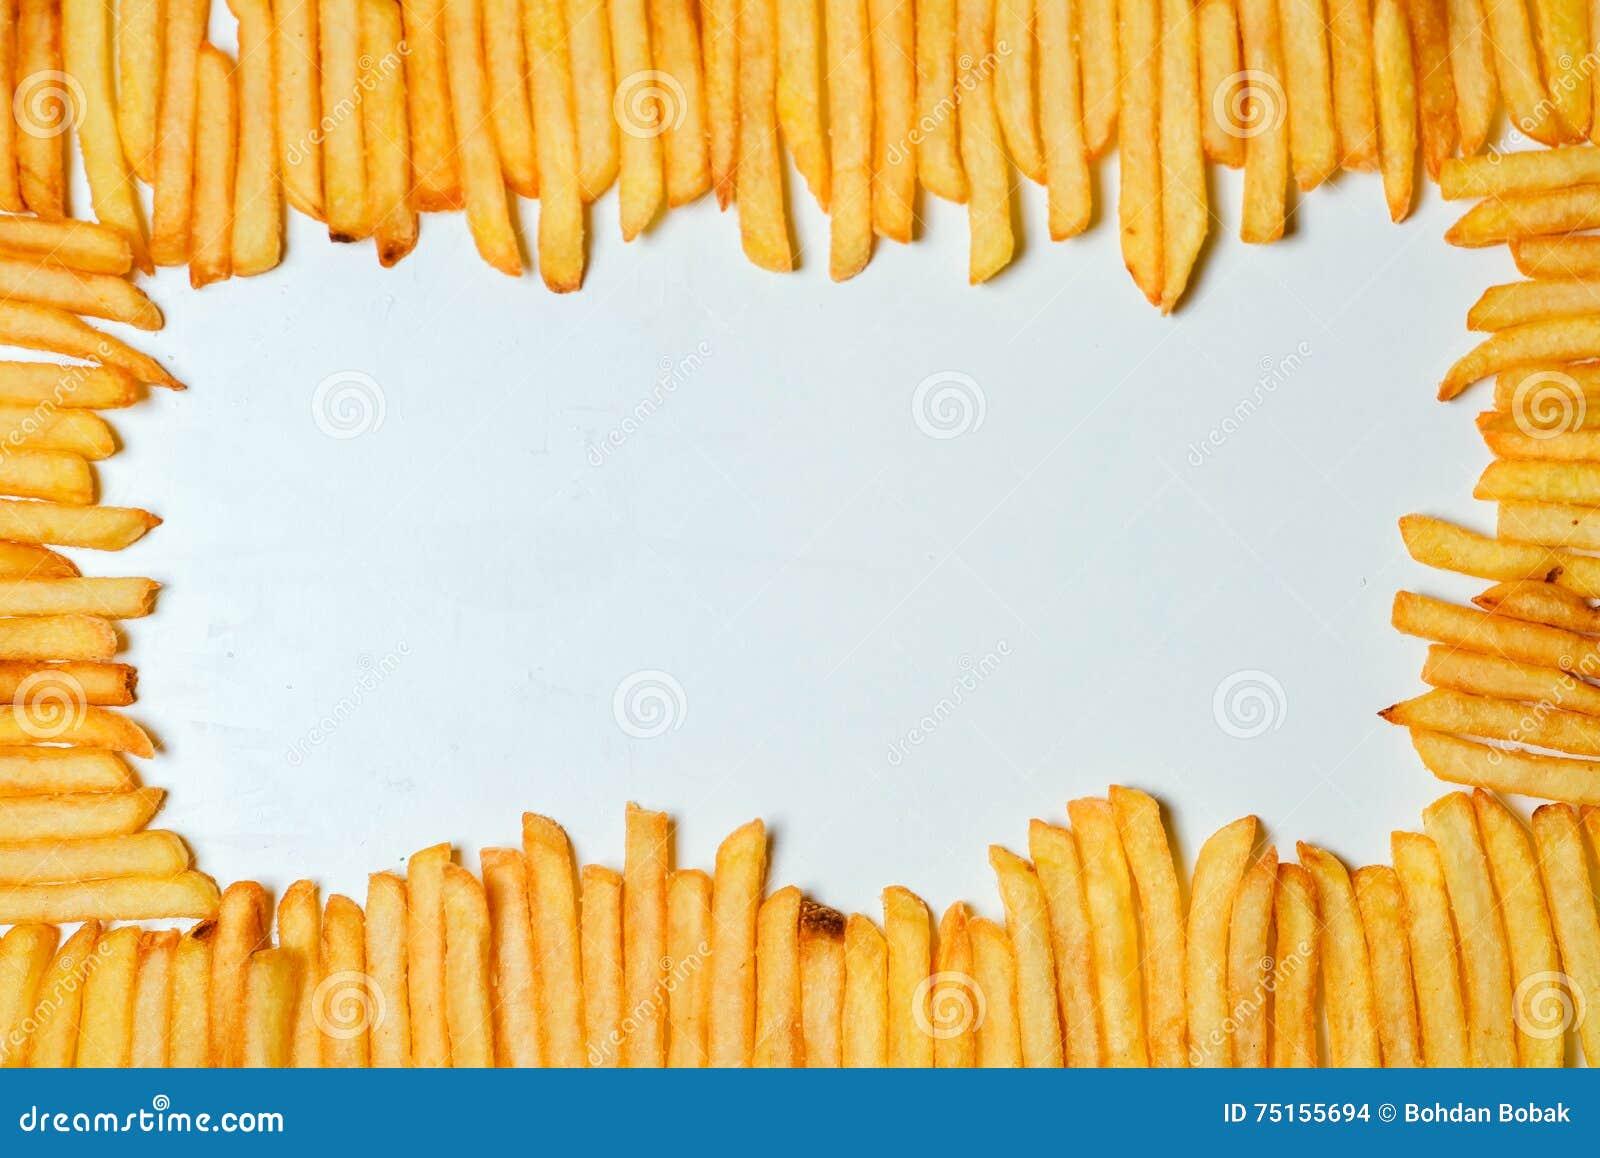 λευκό σειράς παλιοπραγμάτων εικόνας τηγανιτών πατατών τροφίμων ανασκόπησης